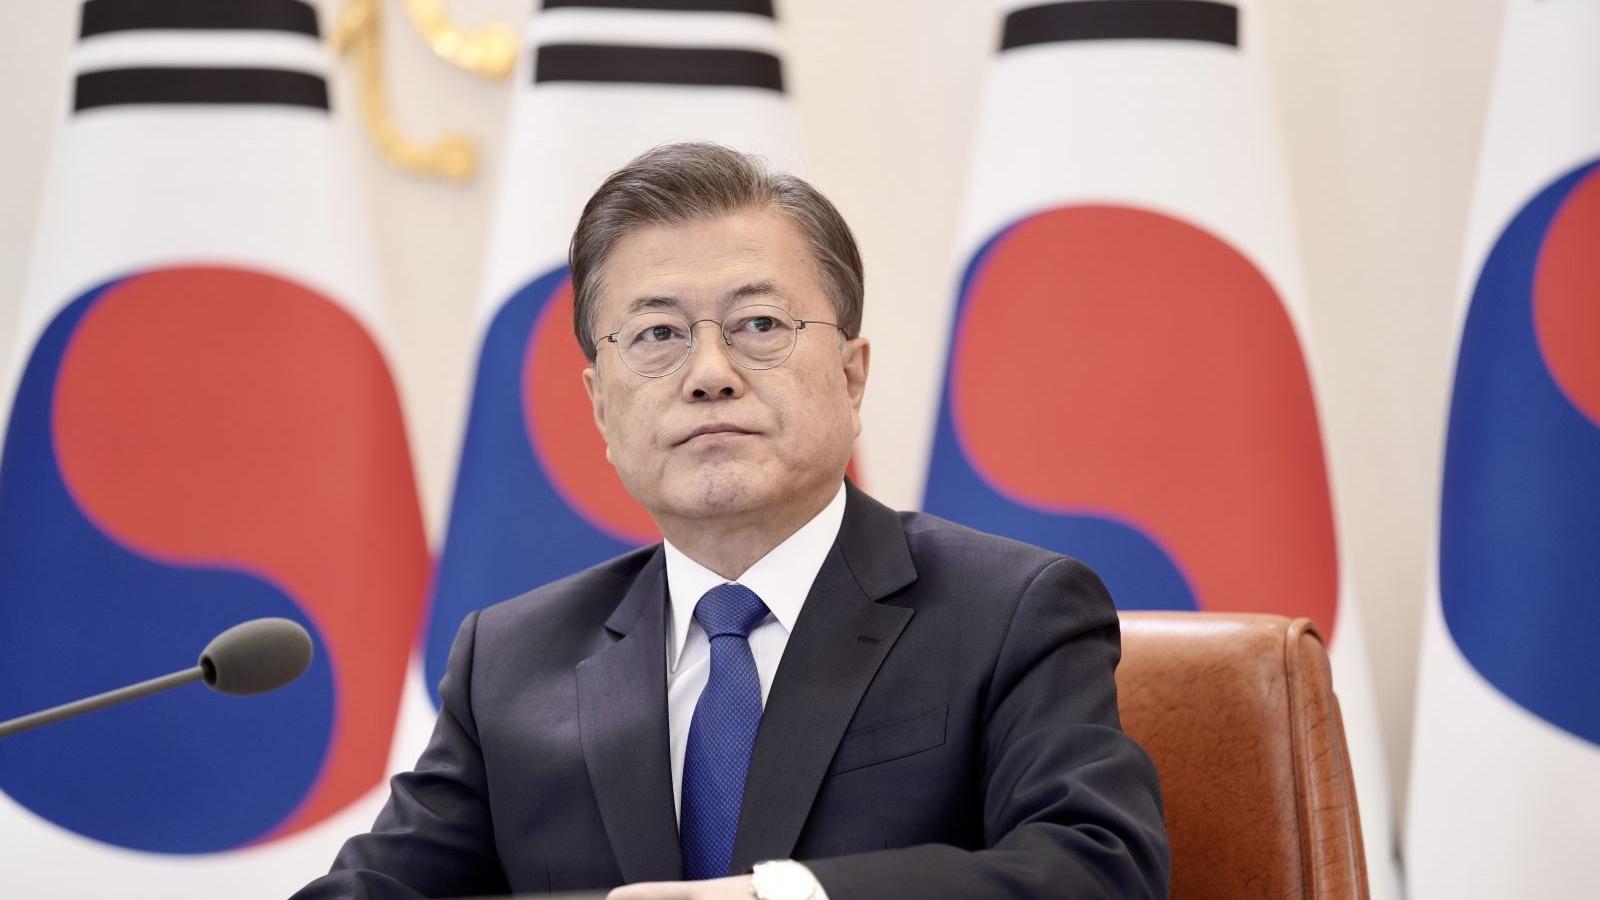 Tổng thống Hàn Quốc: Olympic Tokyo có thể là cơ hội cho đối thoại liên Triều, Mỹ - Triều